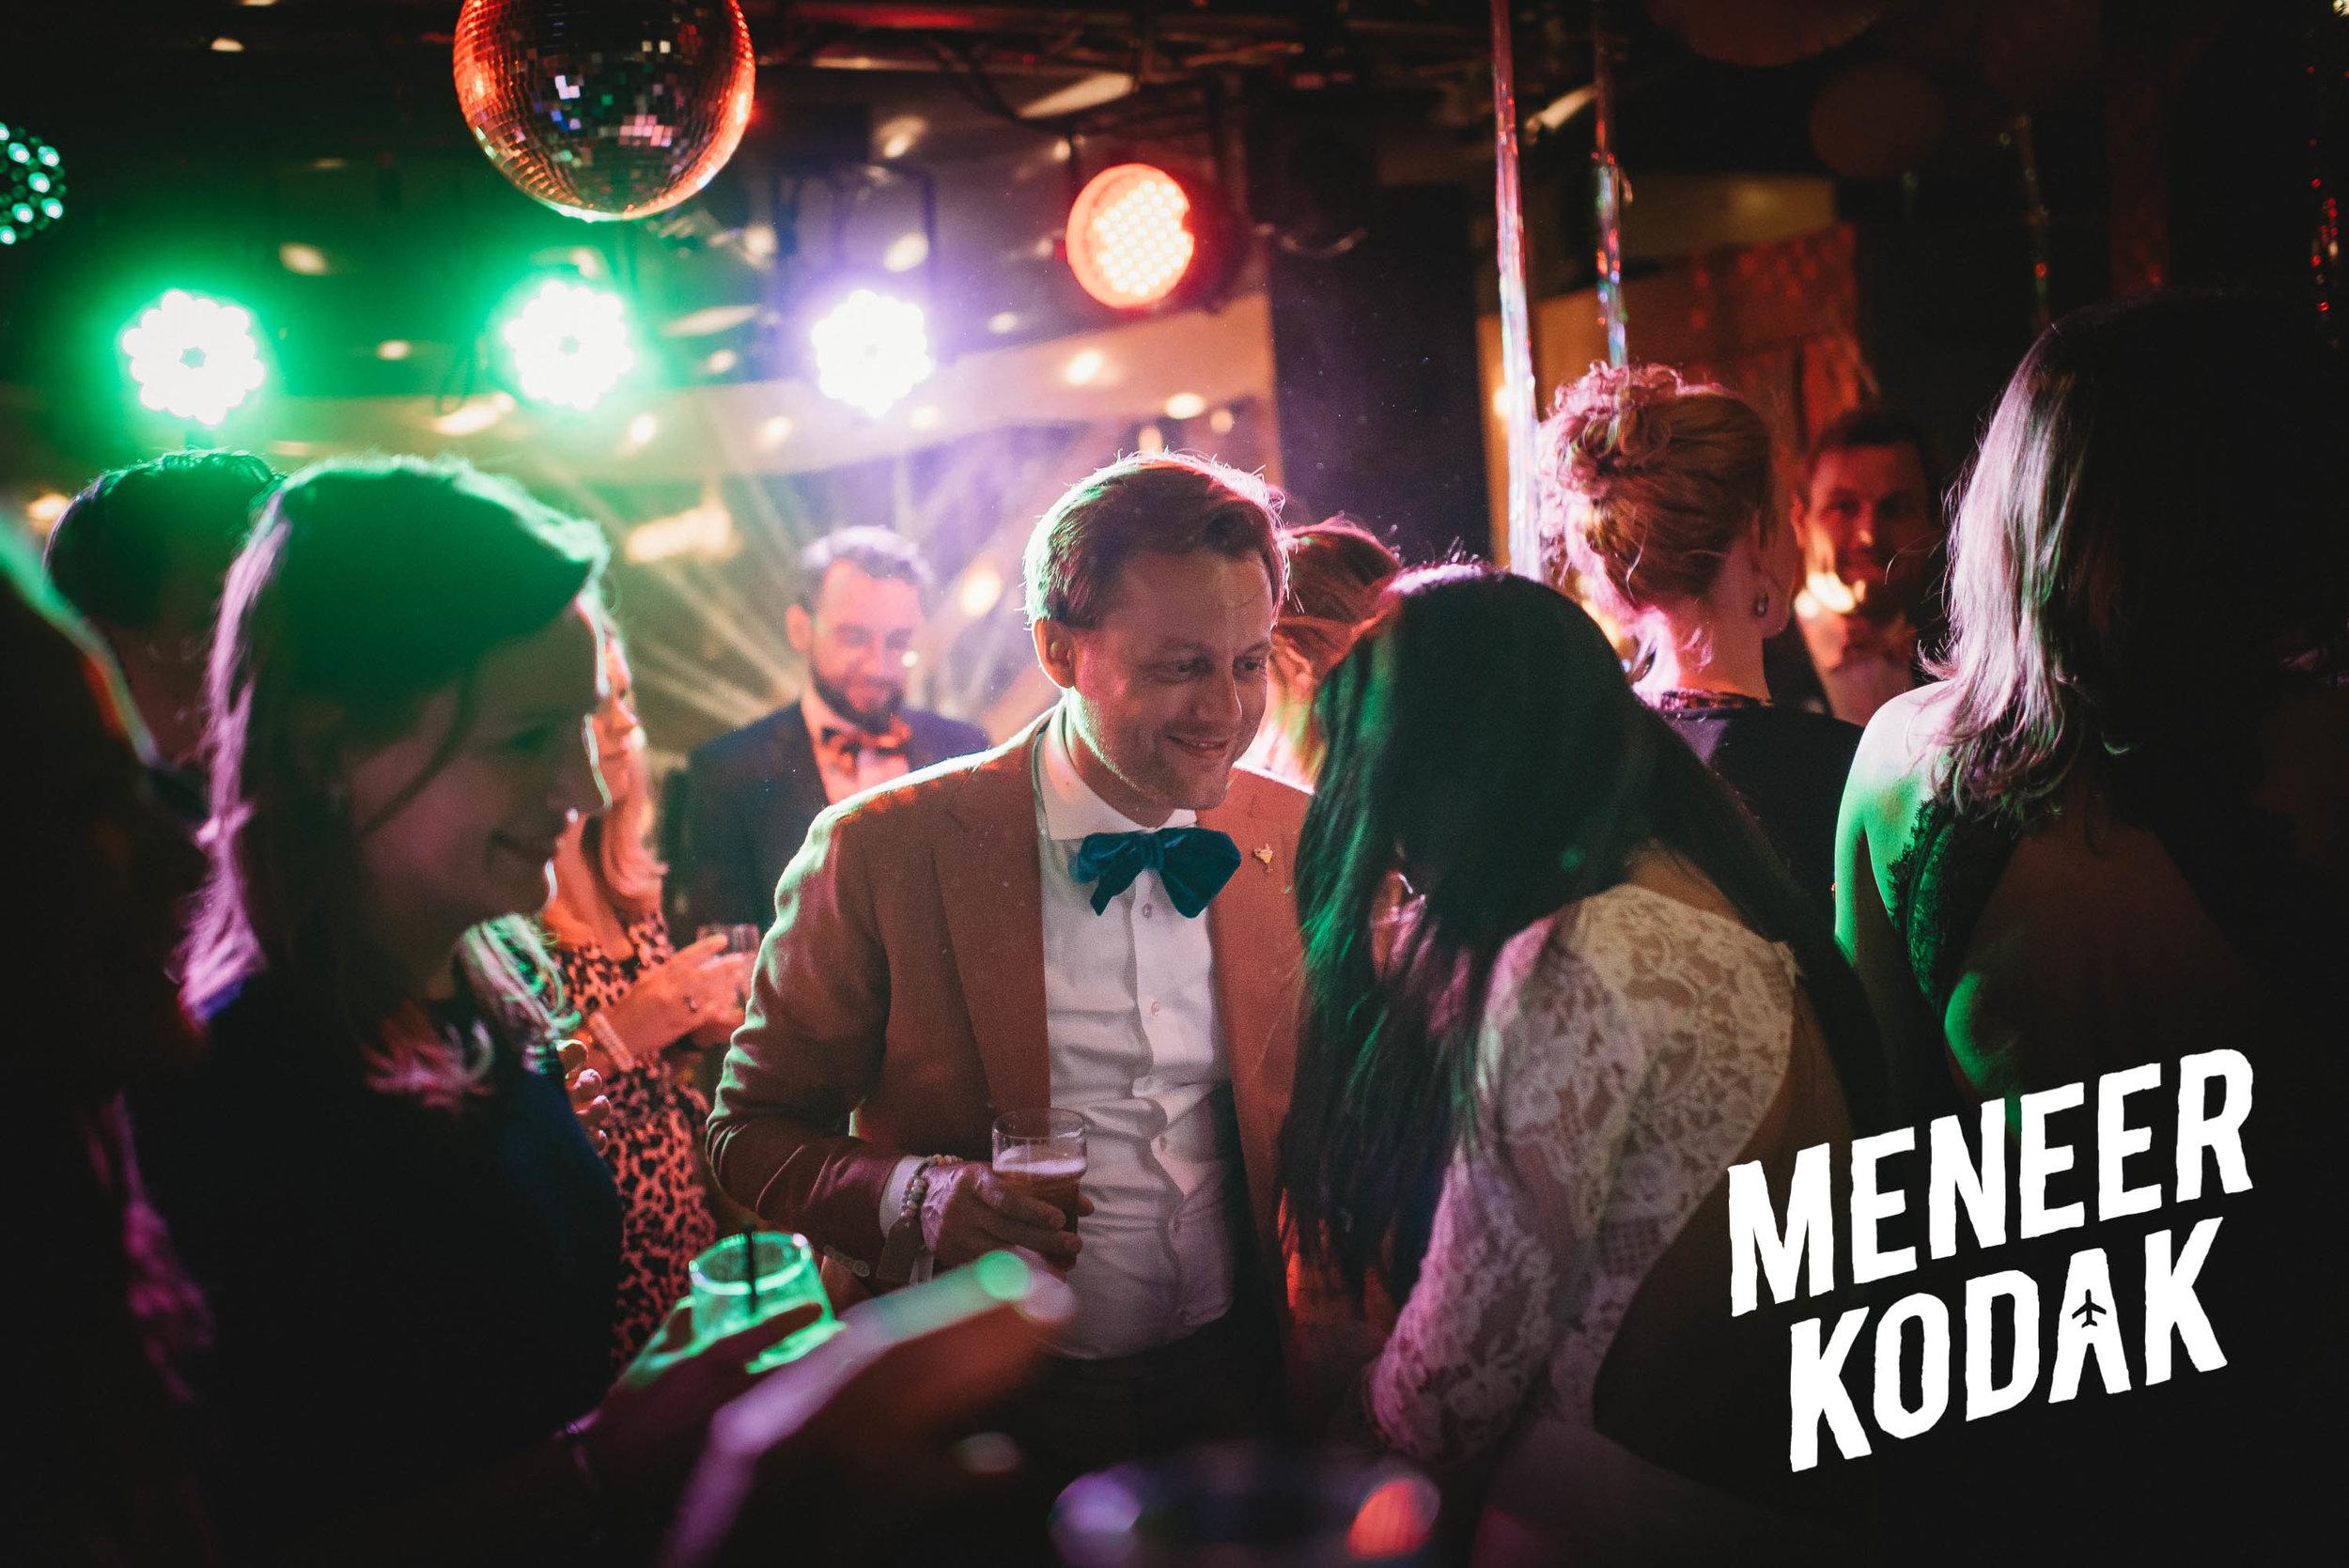 Meneer Kodak - Bruidsfotograaf - Amsterdam - M&J-053.jpg